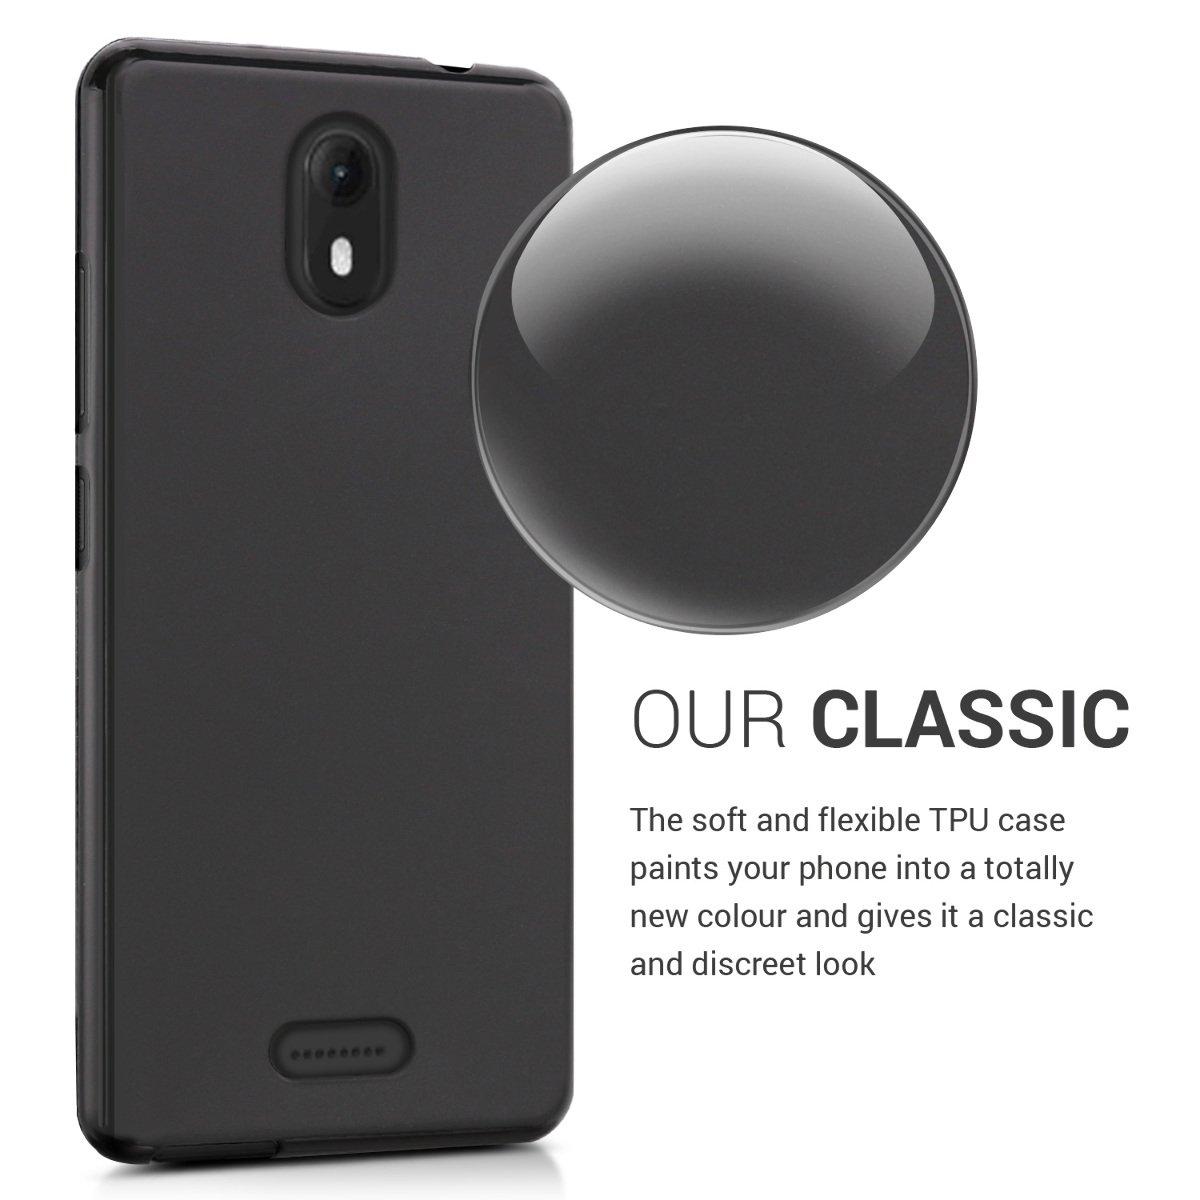 Amazon.com: kwmobile - Carcasa para Wiko View Go (silicona y ...